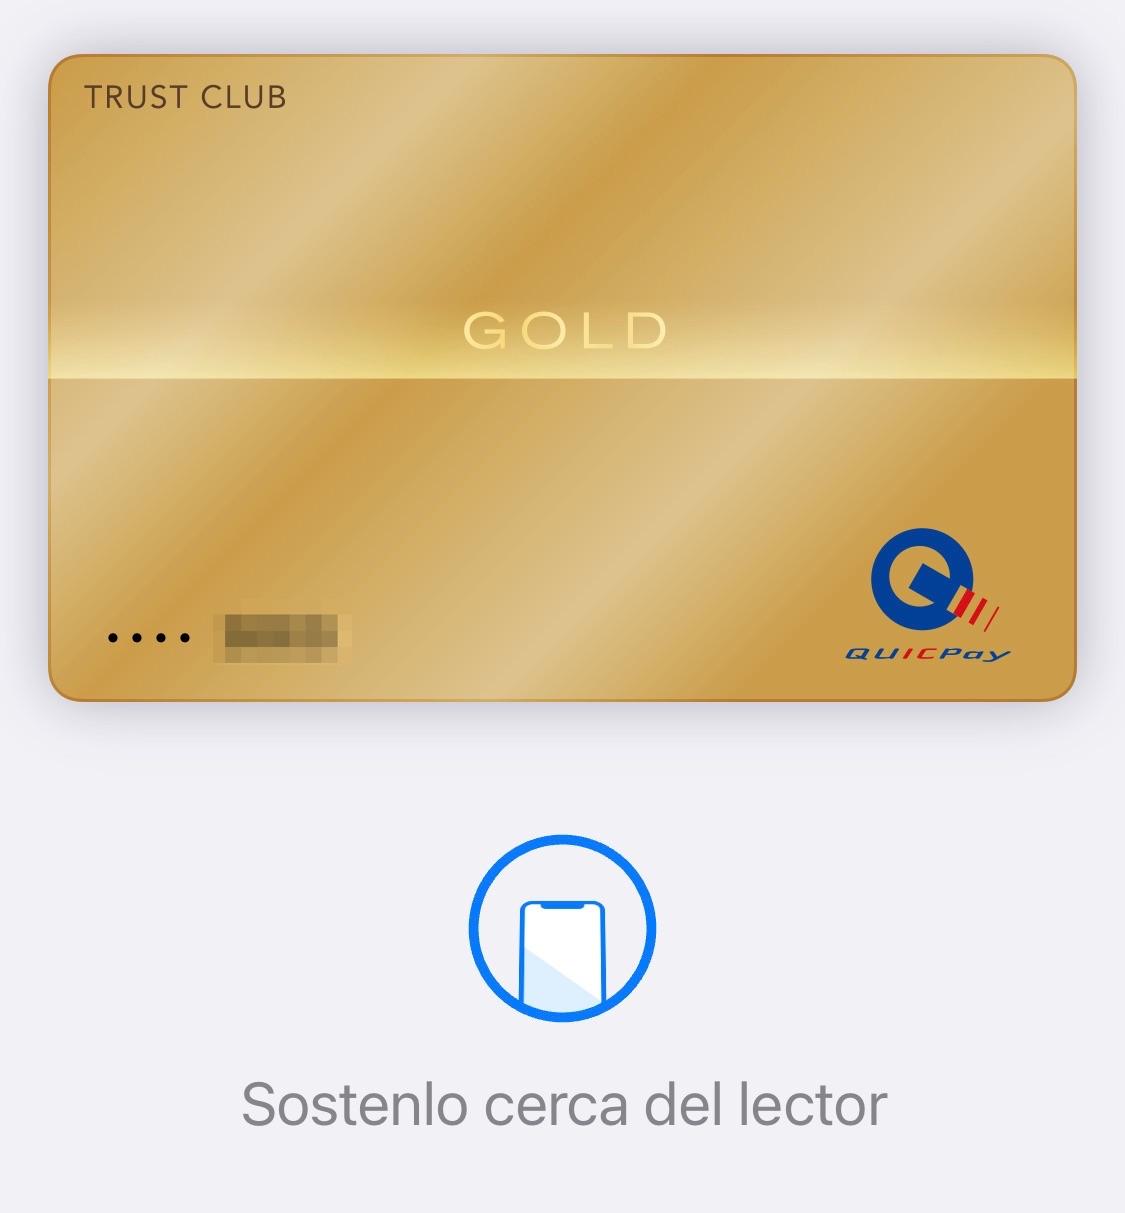 Pagos con Quicpay en Apple Pay... sí, un poco confuso